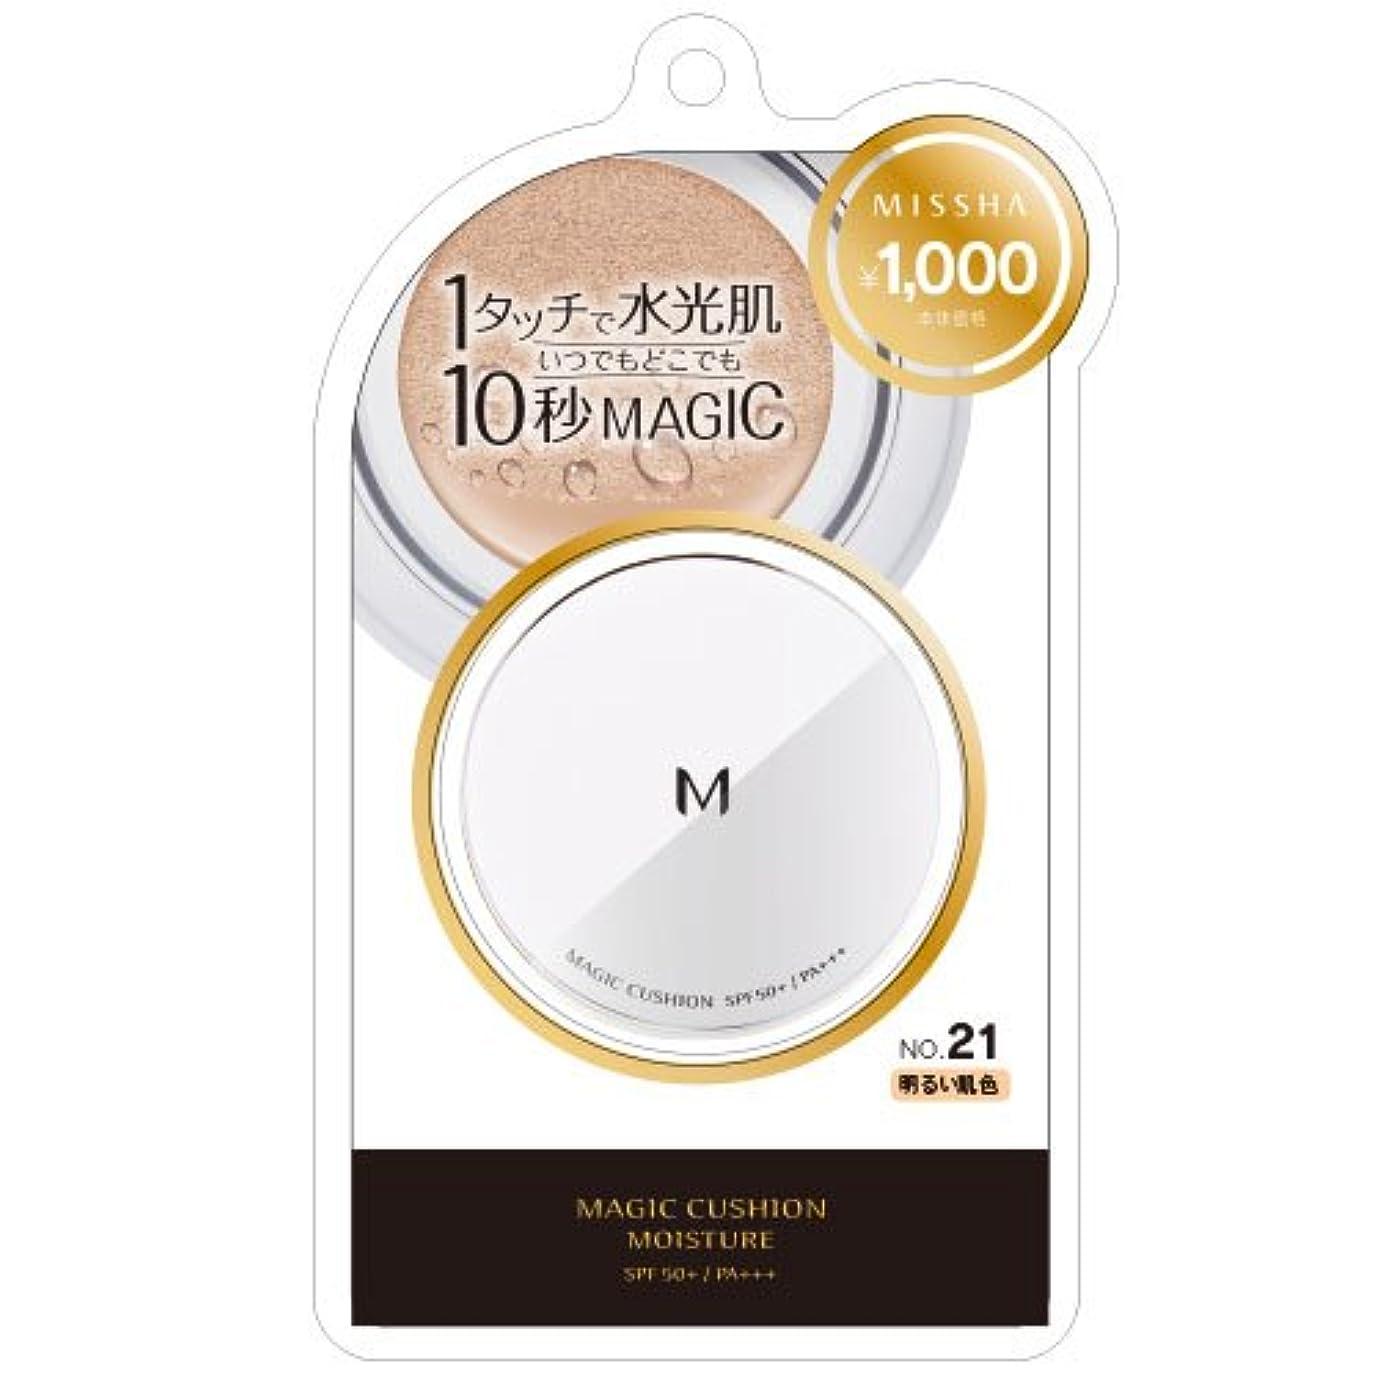 ファックスブーム雑多なミシャ Мクッションファンデーション(モイスチャー) No.21 明るい肌色 15g